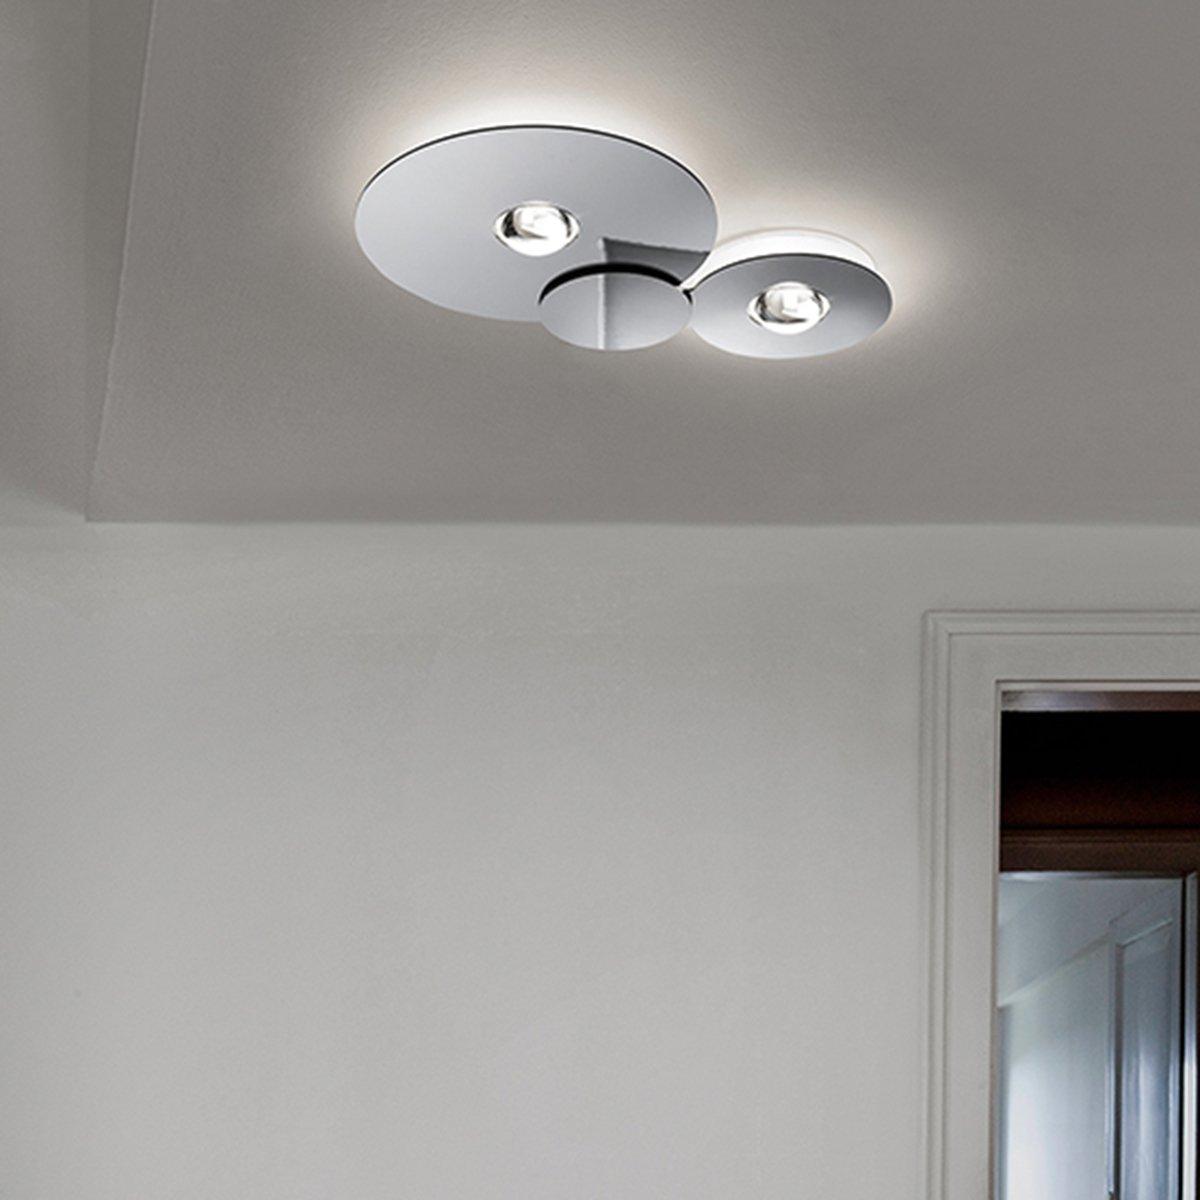 Full Size of Studio Italia Design Deckenleuchte Bugia Double 2700 K Esstische Designer Lampen Esstisch Küche Industriedesign Badezimmer Bett Modern Wohnzimmer Wohnzimmer Design Deckenleuchten